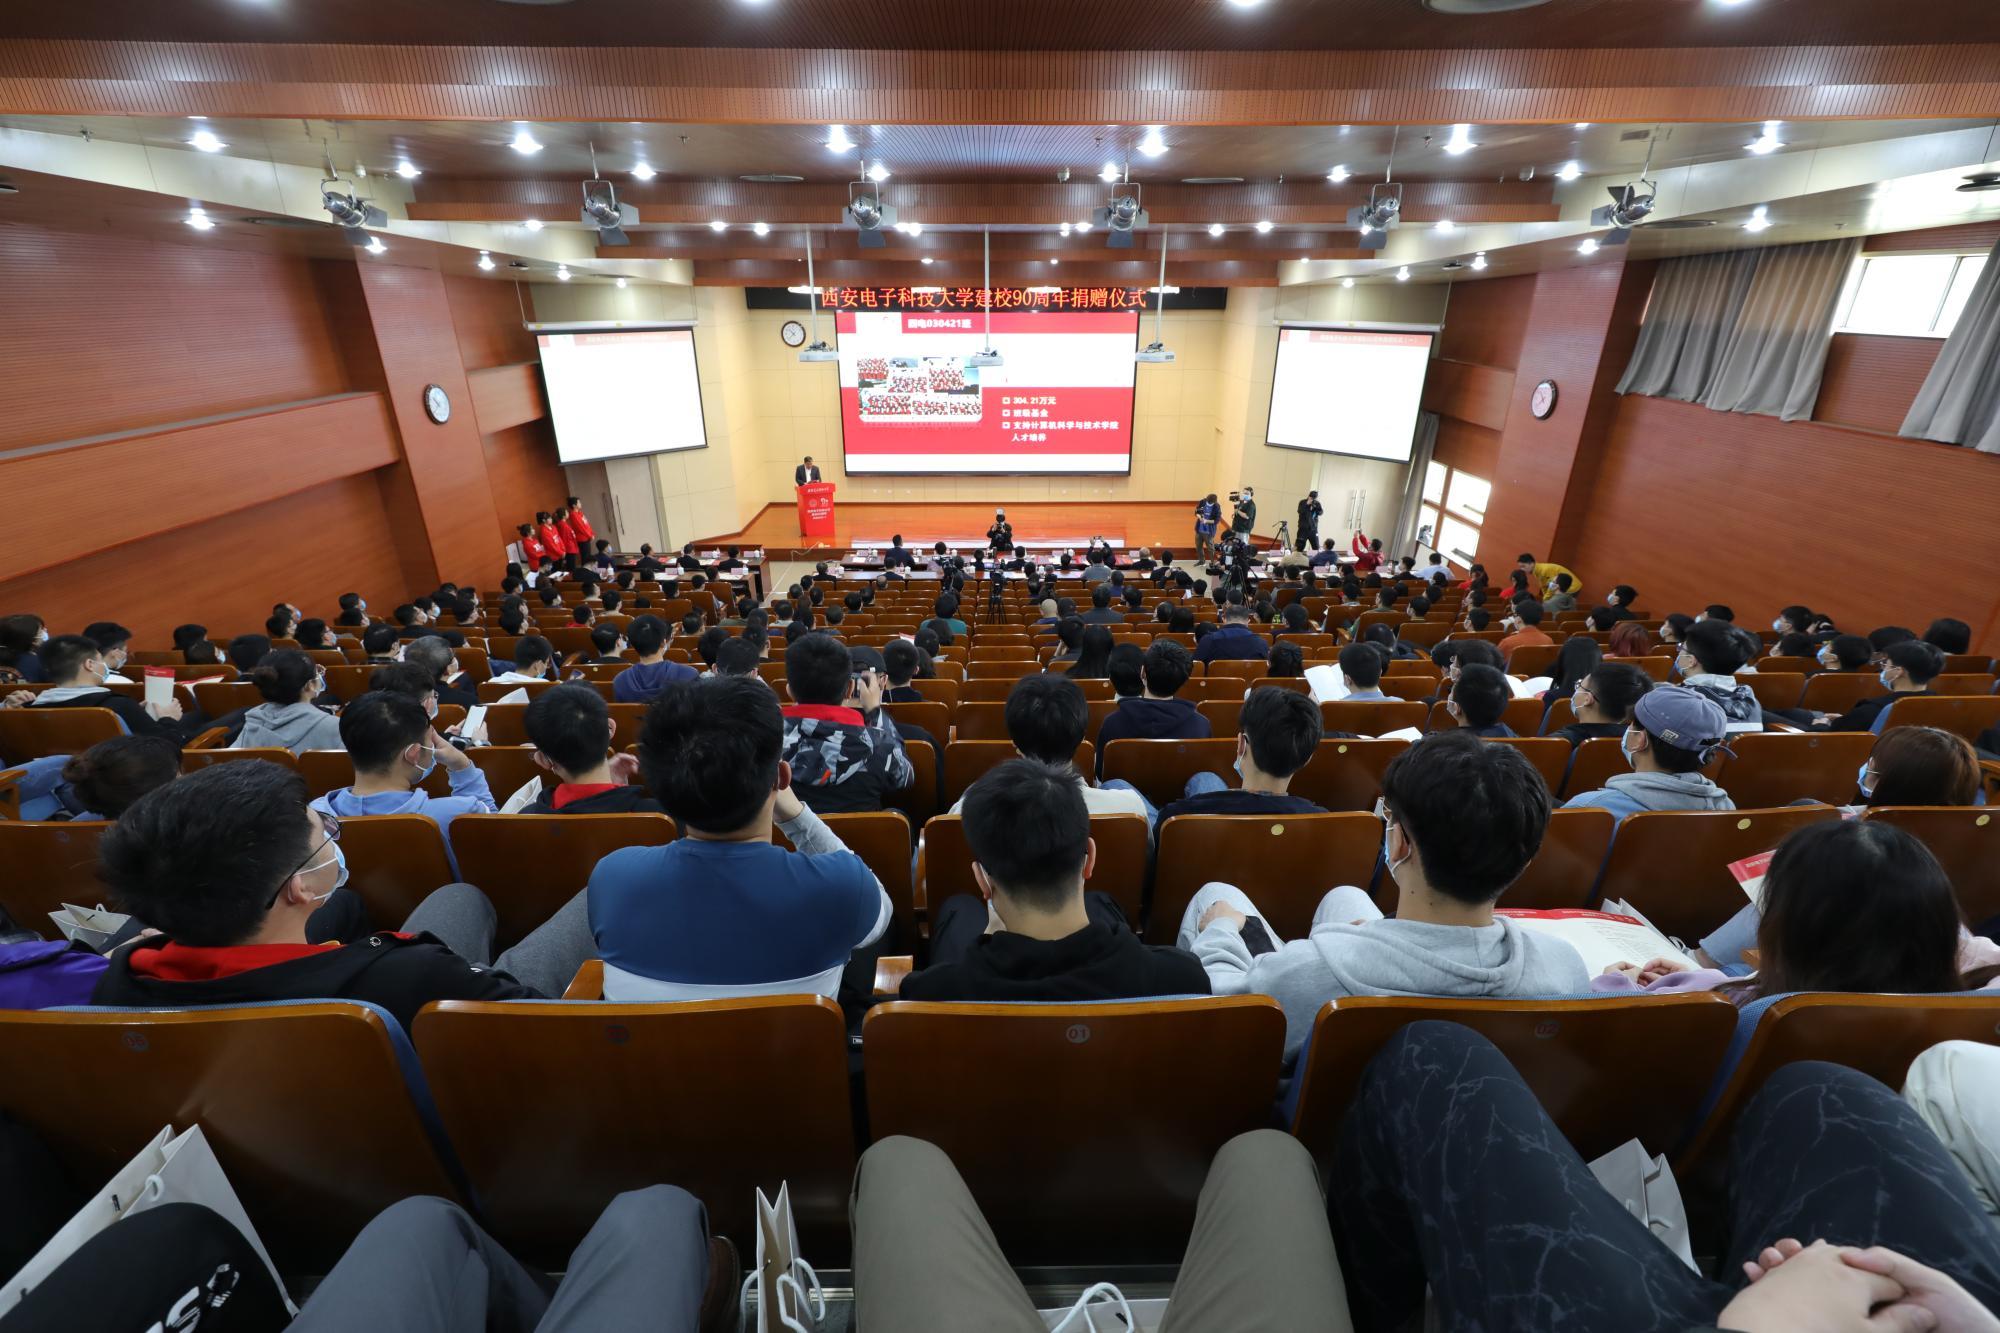 西安电子科技大学建校90周年捐赠仪式(第一场)